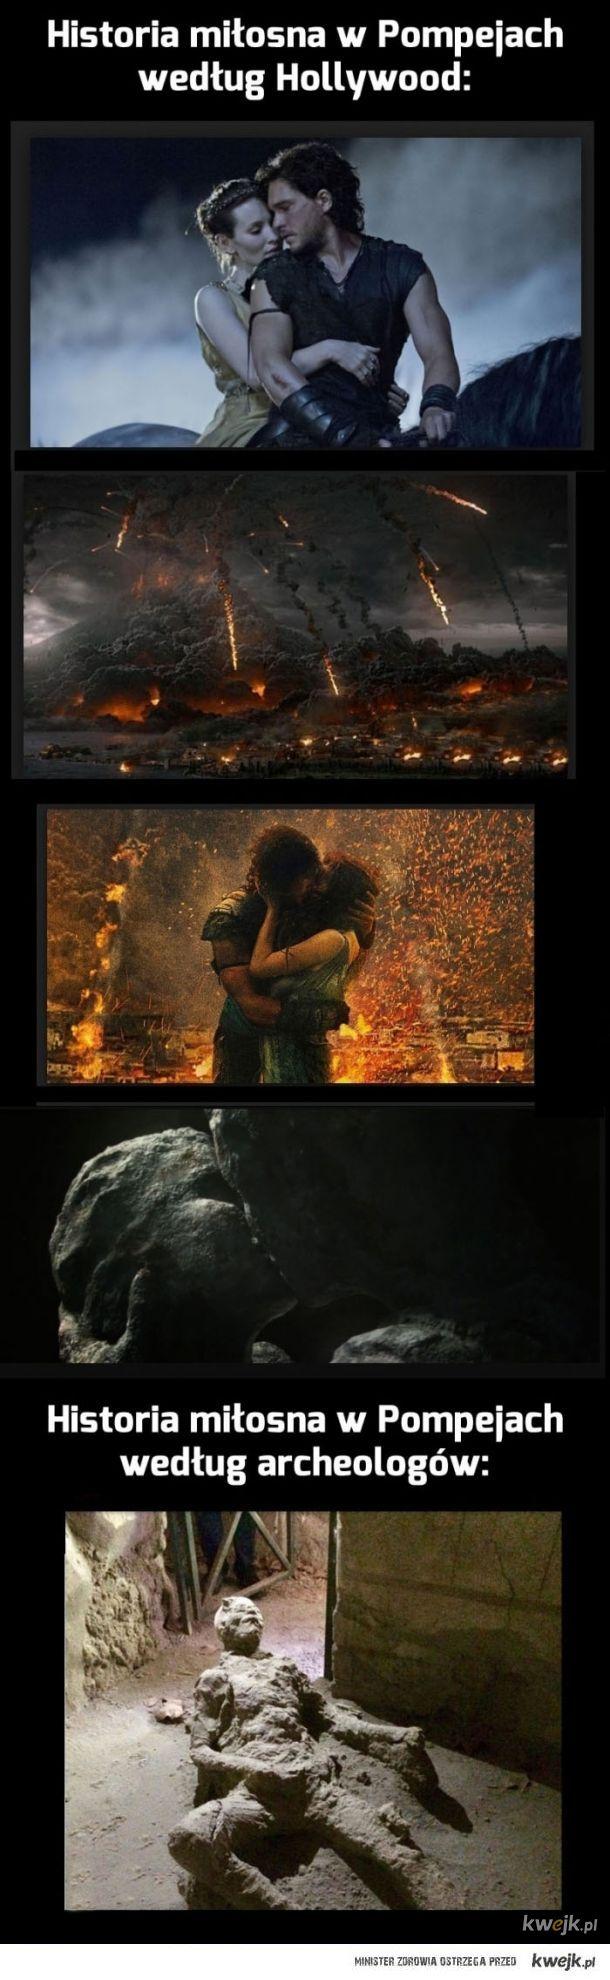 Historia miłosna w Pompejach